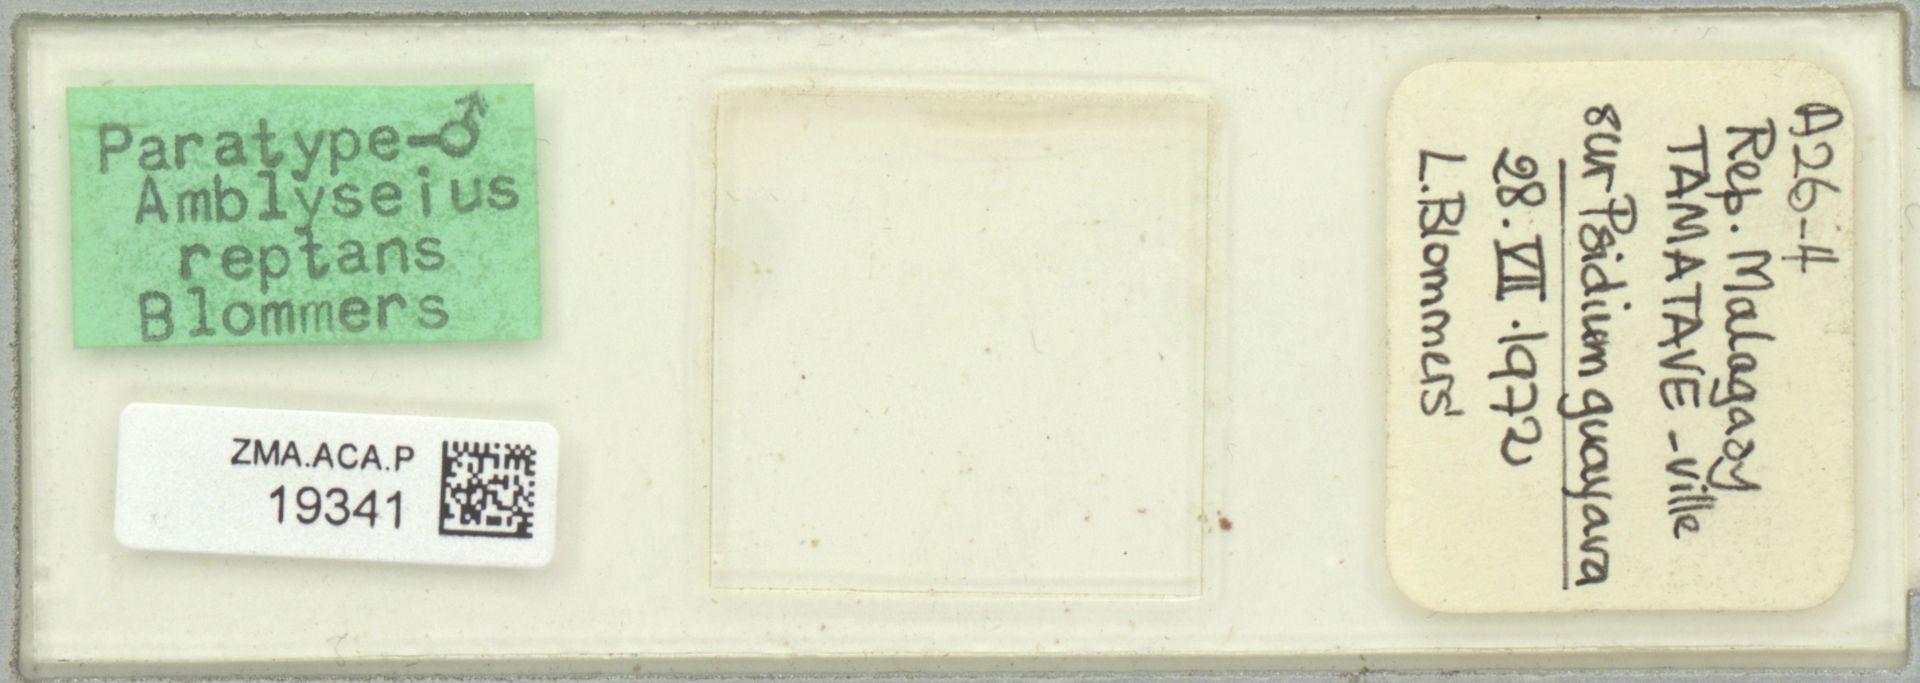 ZMA.ACA.P.19341 | Amblyseius reptans Blommers, 1974